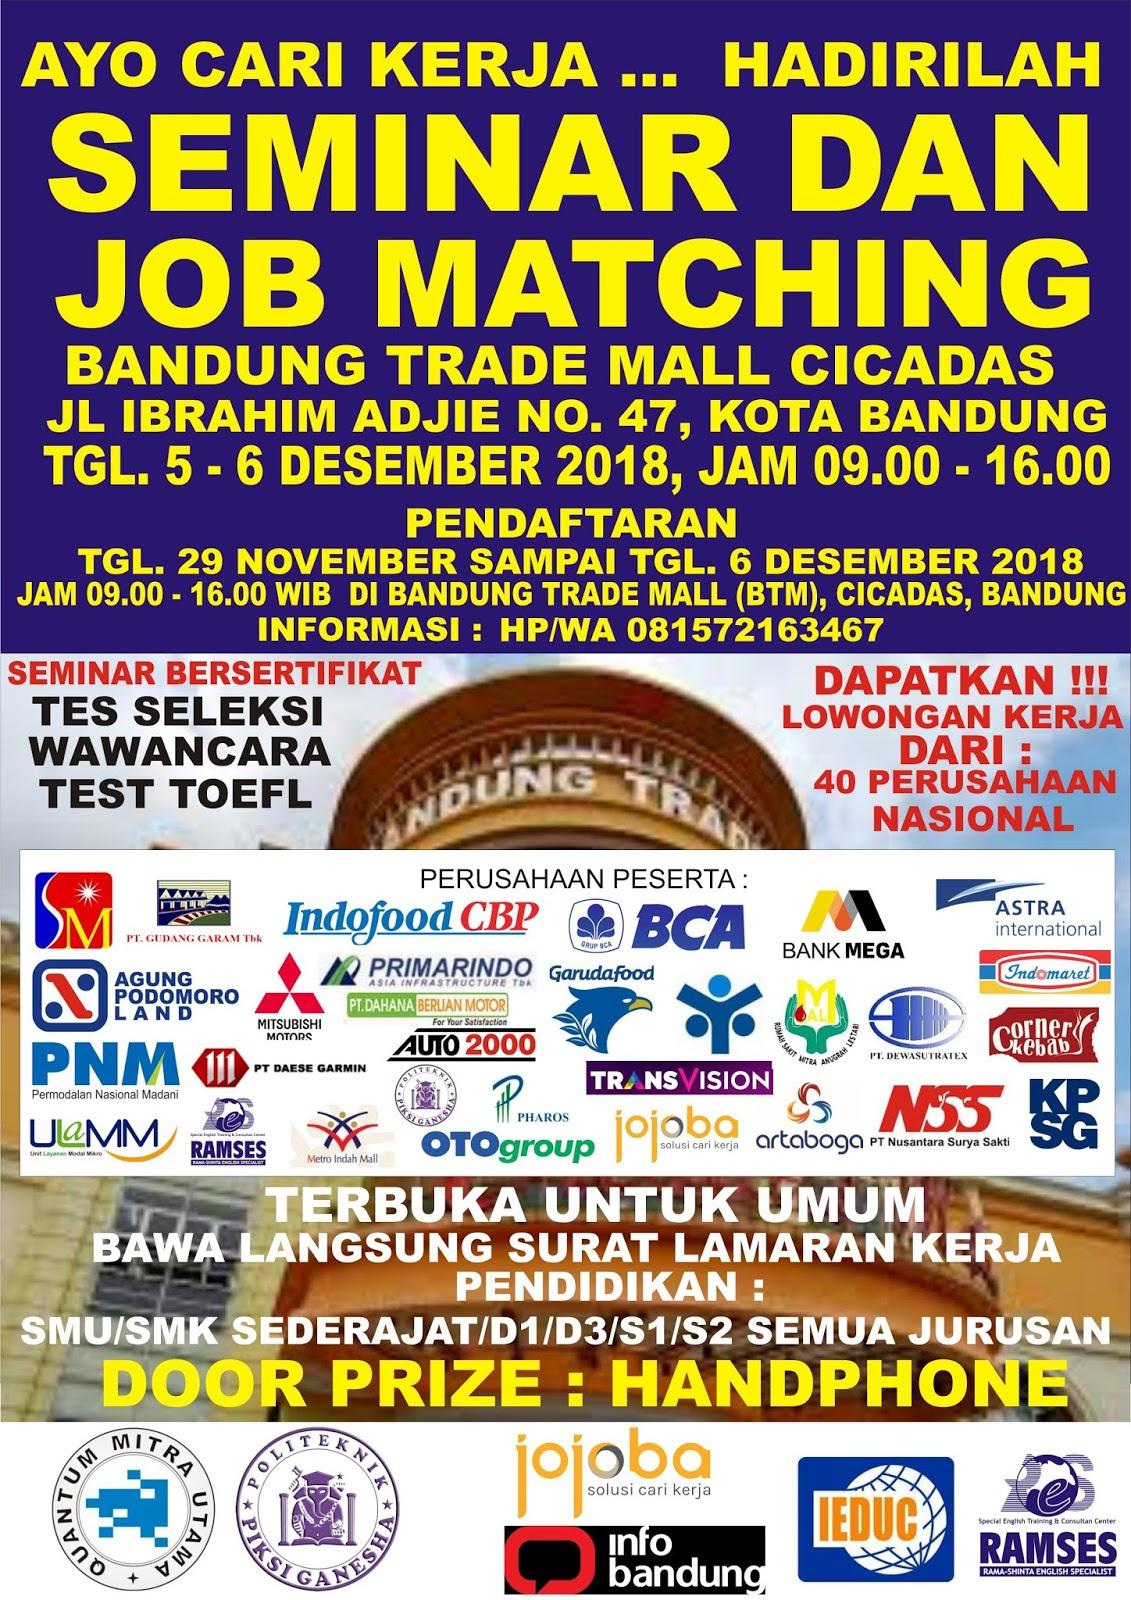 Seminar Dan Job Matching Bandung trade Mall Cicadas ( BTC ) 5 - 6 Desember 2018